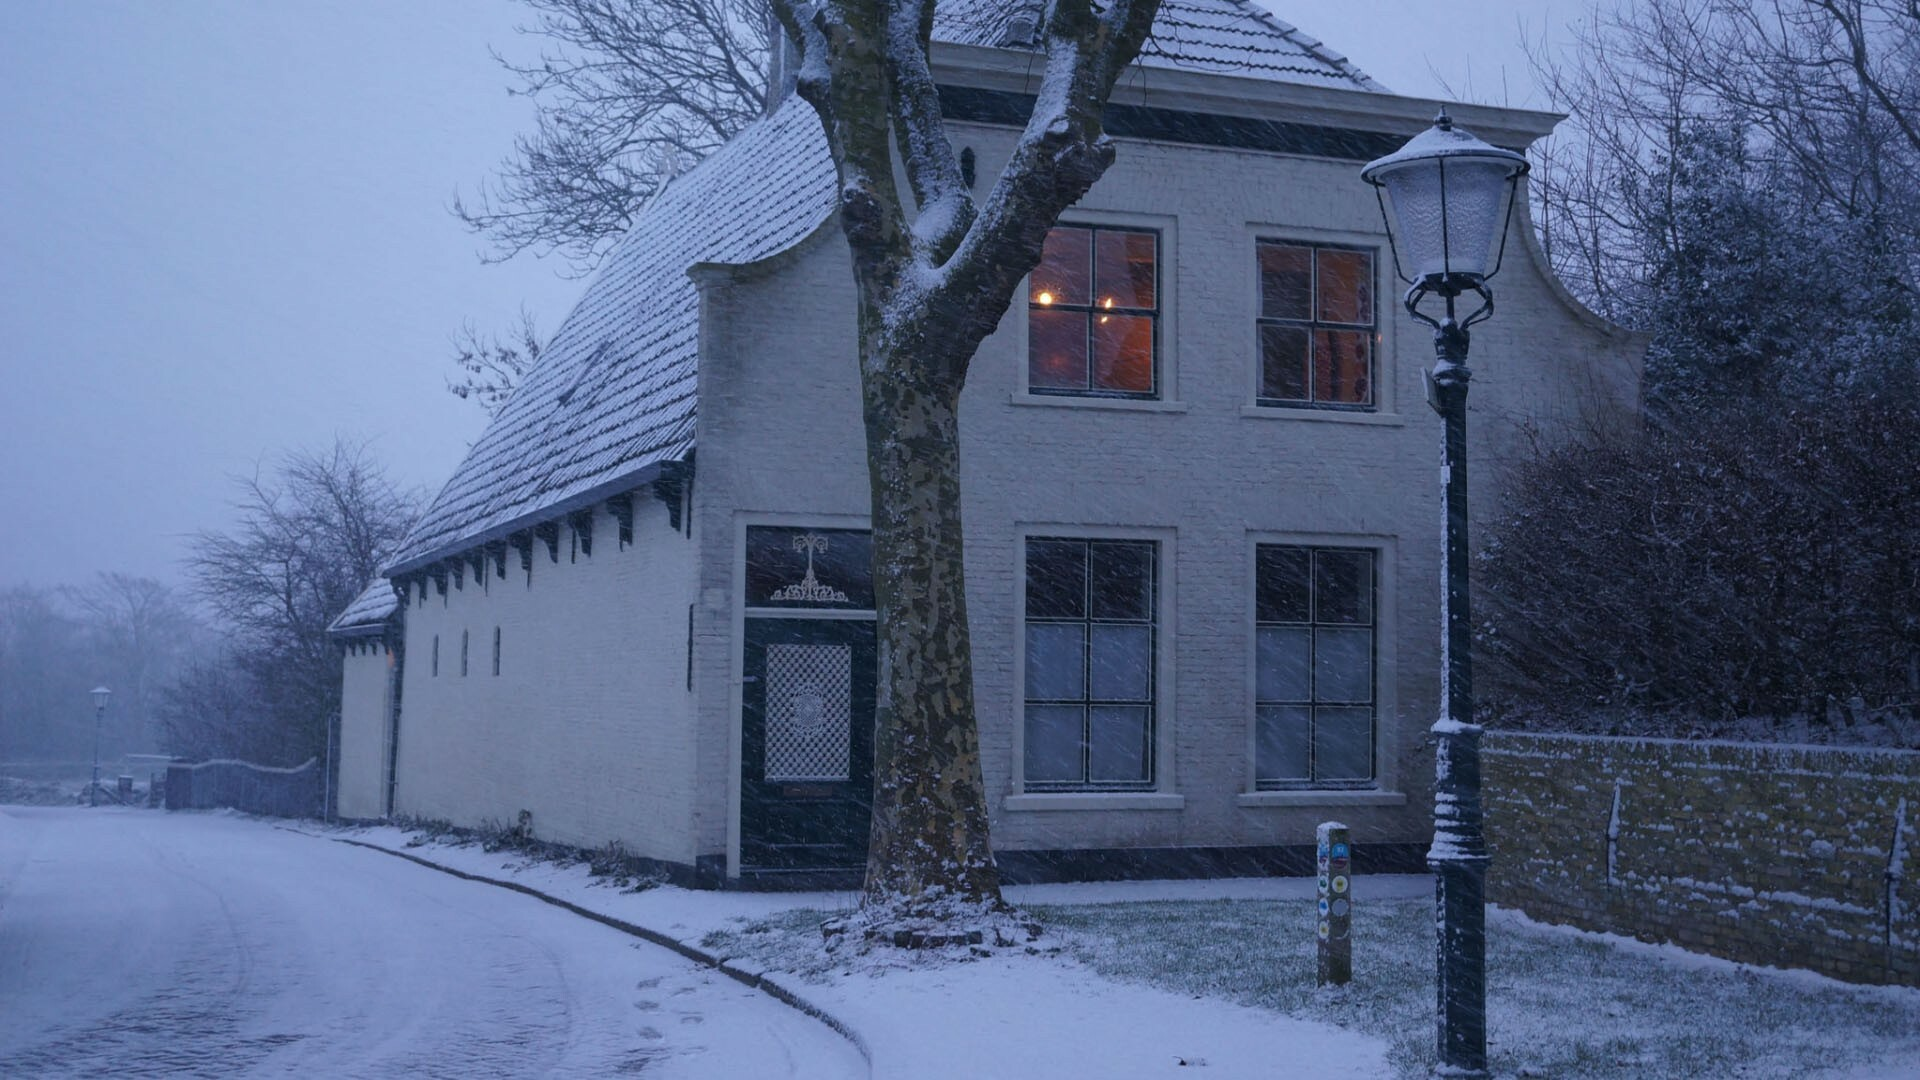 Bed en Breakfast pastorie De Waal in de sneeuw VVV Texel